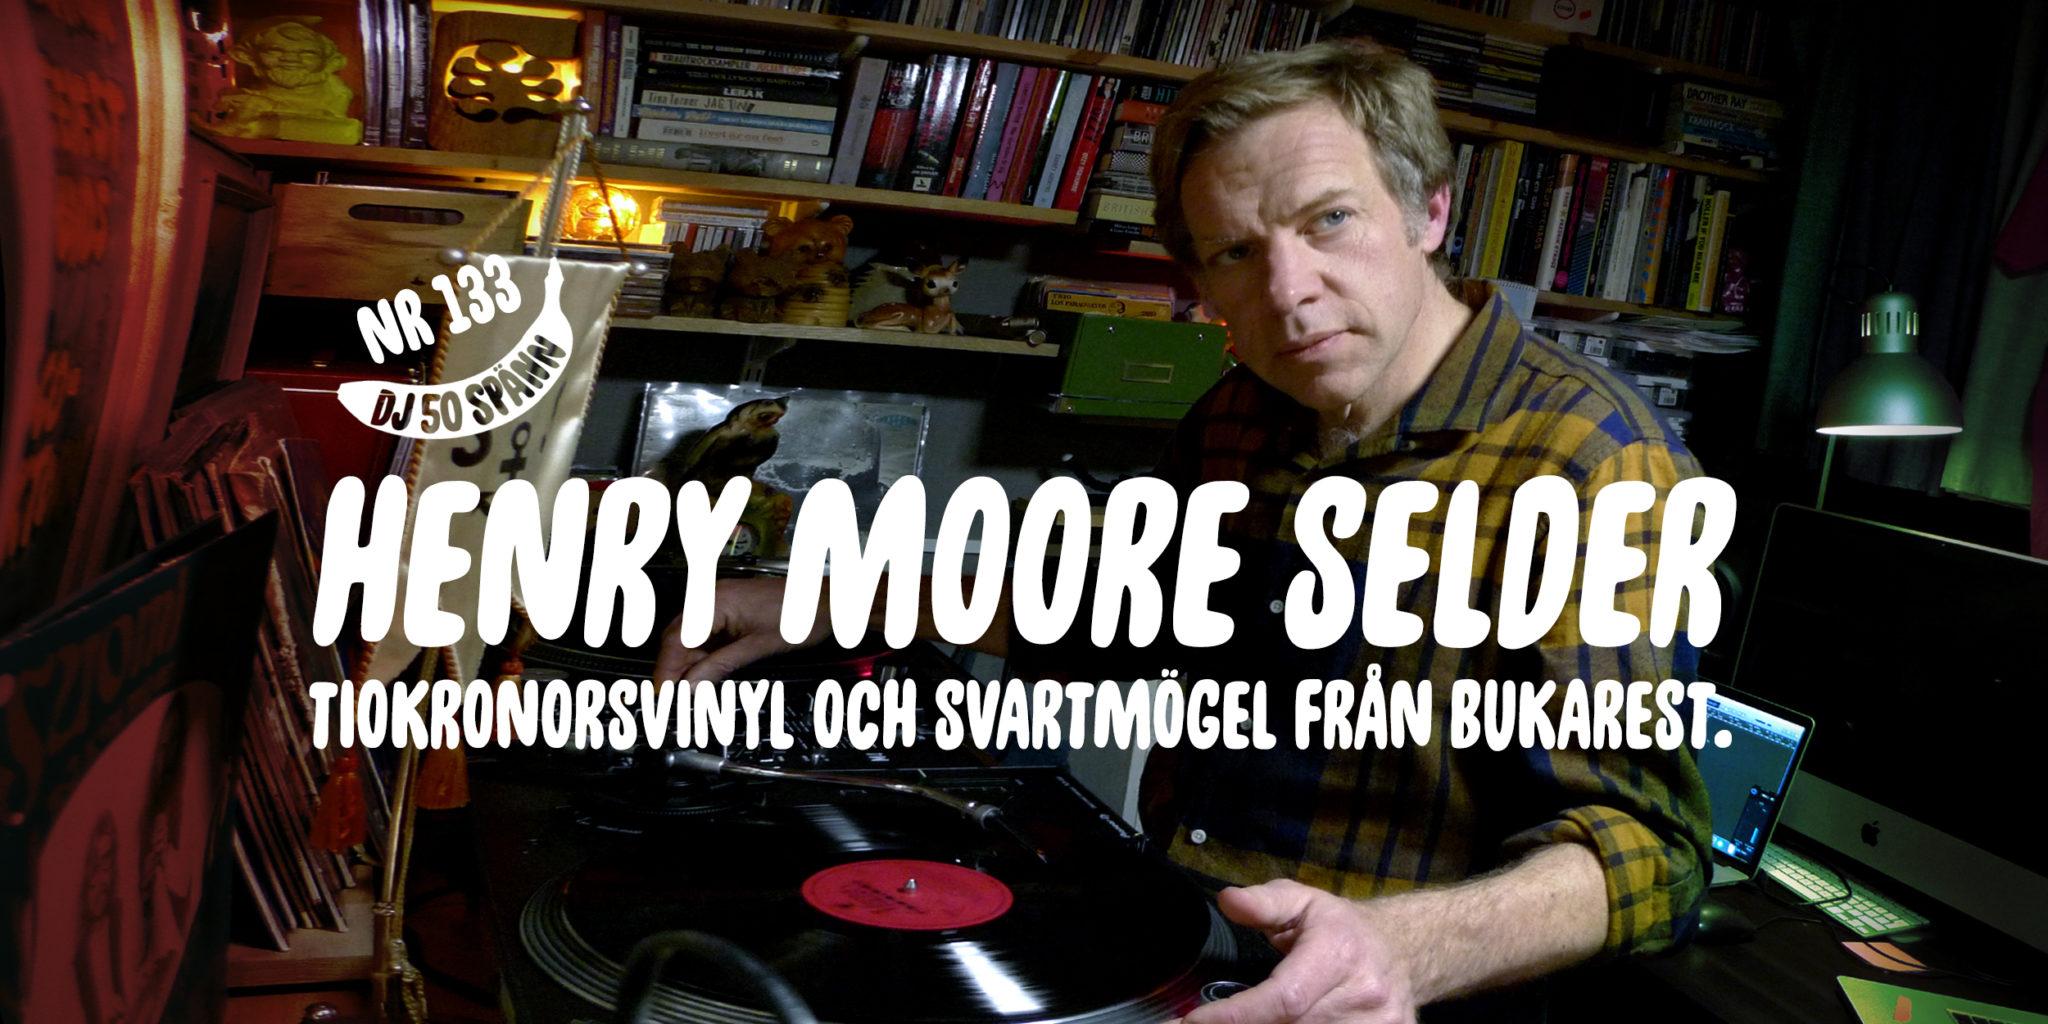 Henry Moore Selder